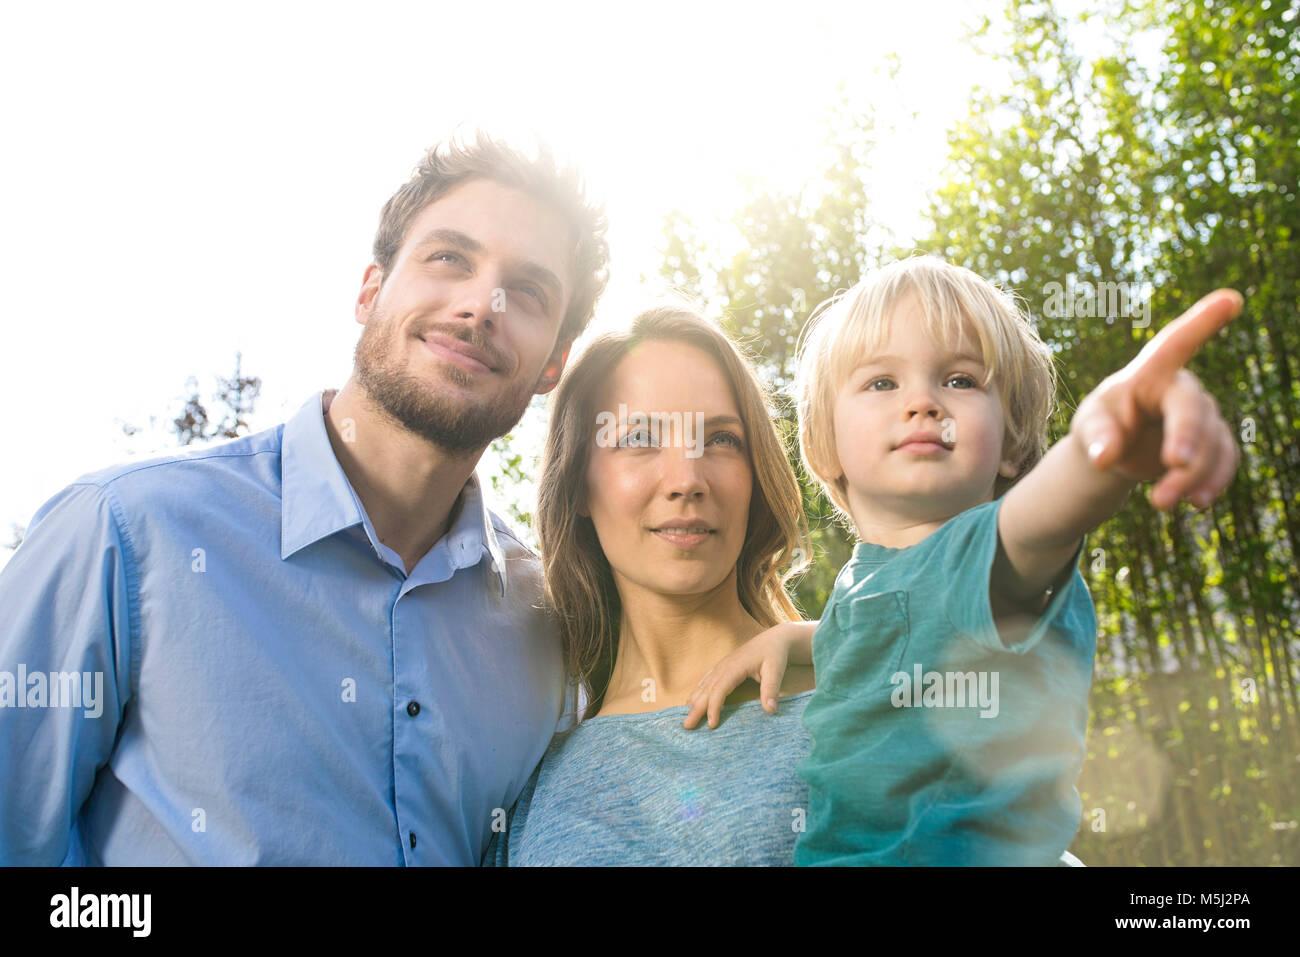 Familia sonriente delante de plantas de bambú con hijo apuntando con su dedo Imagen De Stock